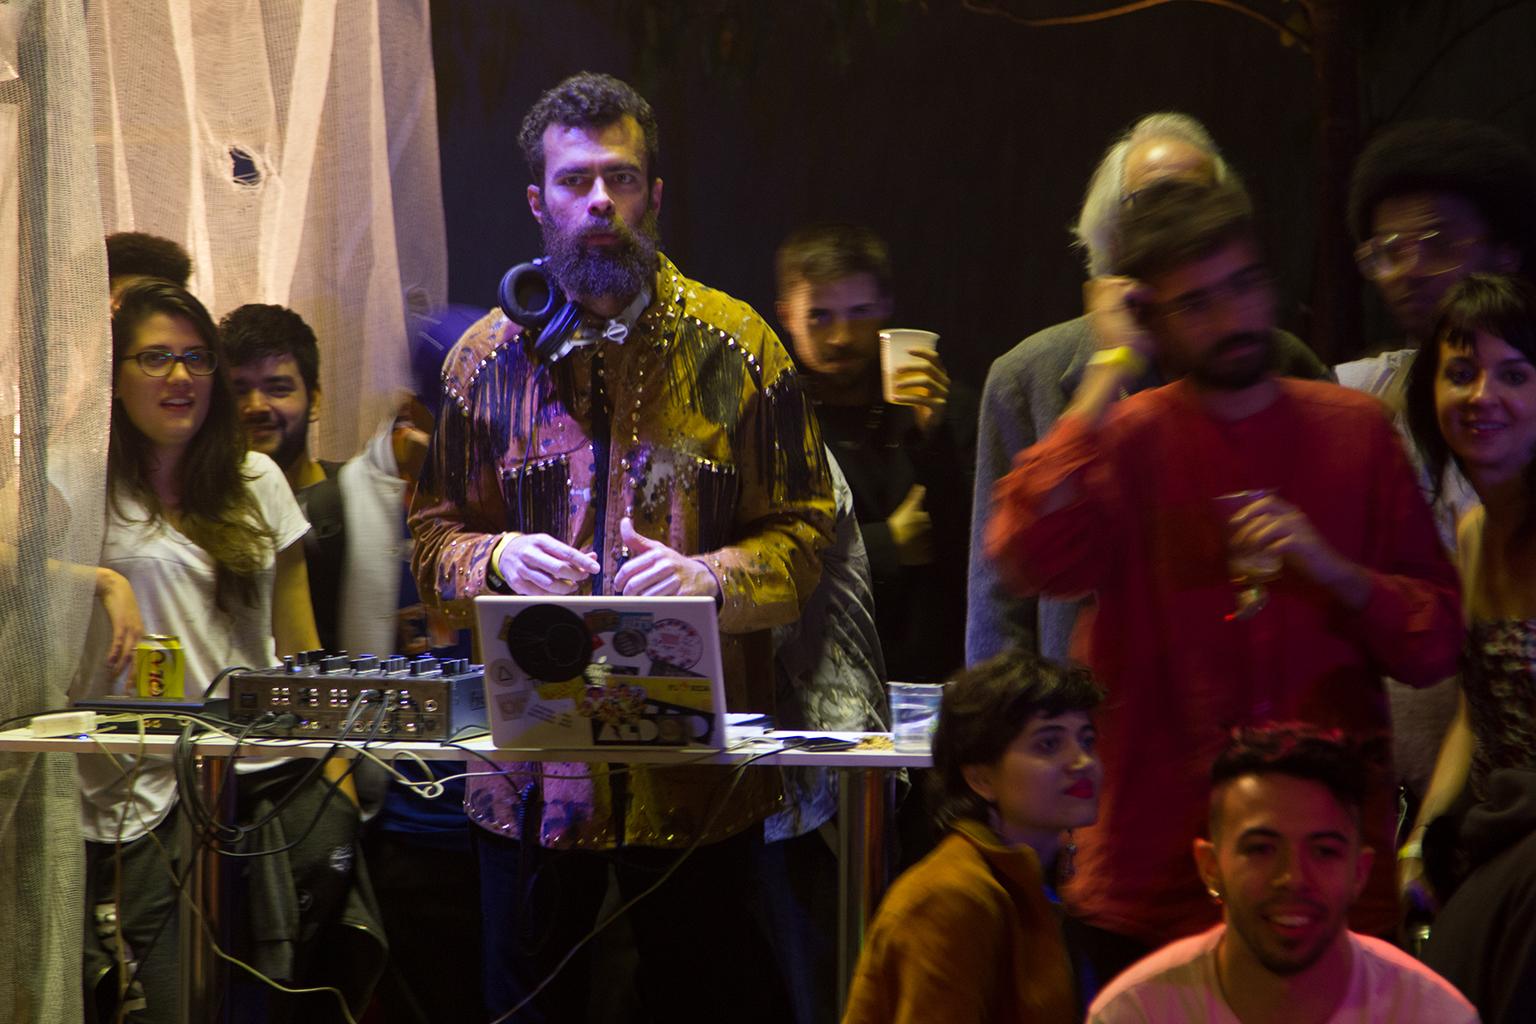 Ataque! DJ